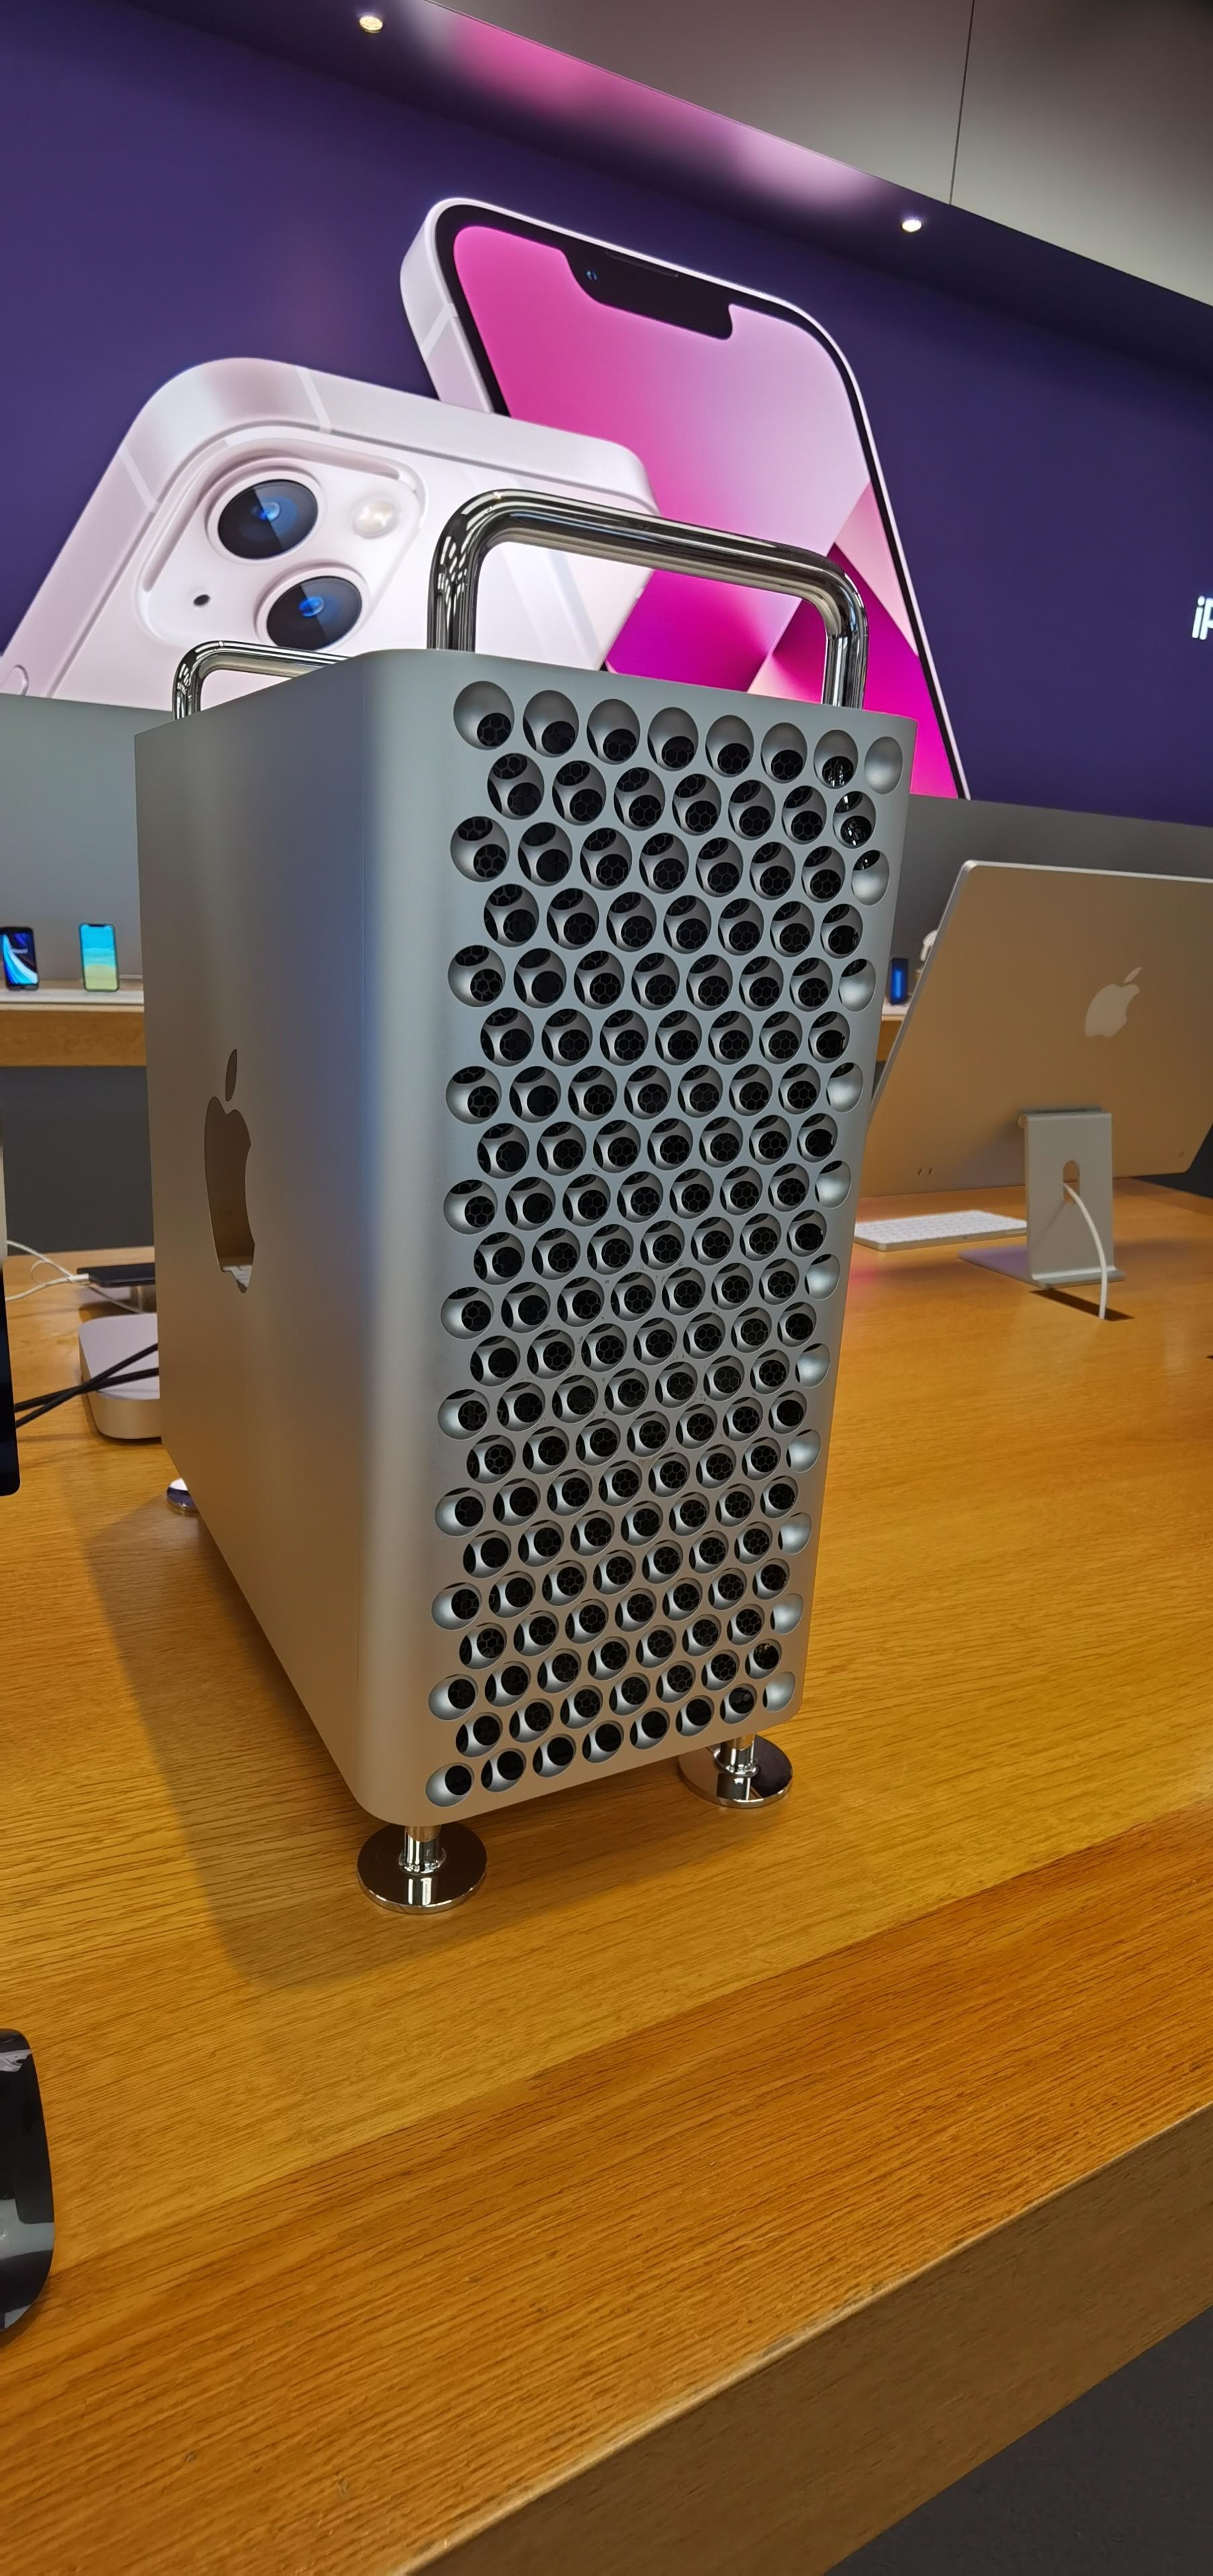 苹果天价旗舰机型-Mac Pro(售价达到106499元)